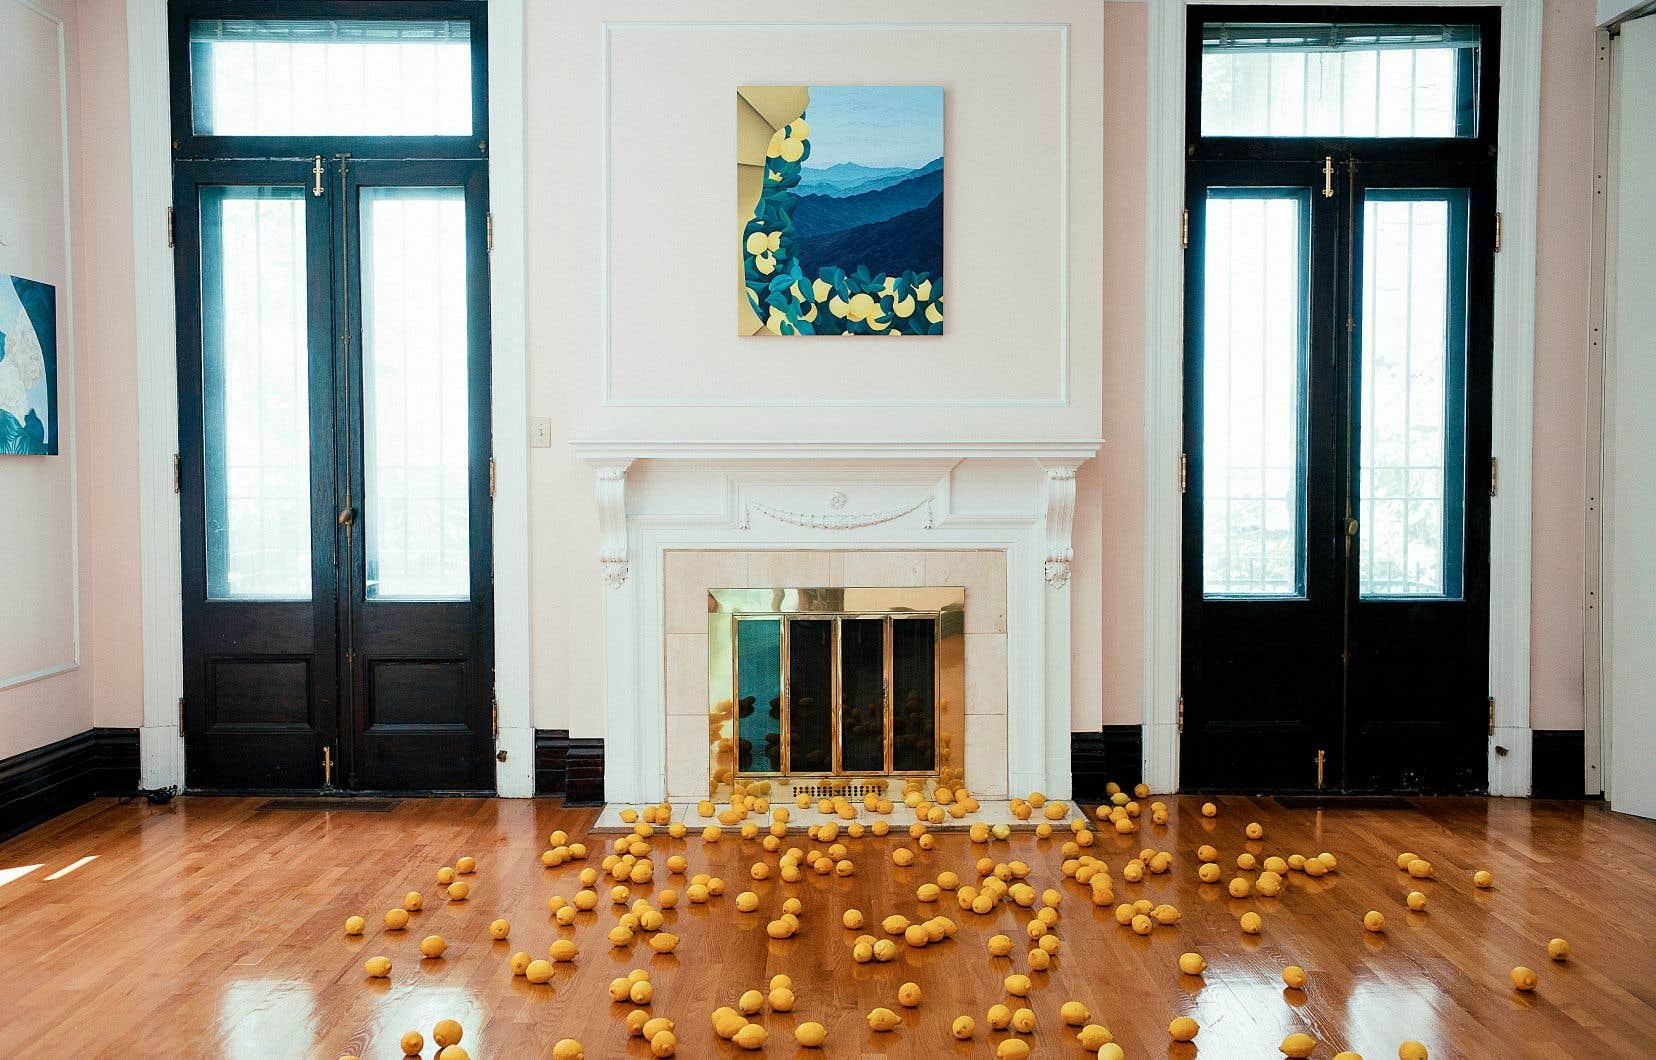 Le Projet Pangée a mené un vernissage lent des œuvres de Joani Tremblay adapté au déconfinement.